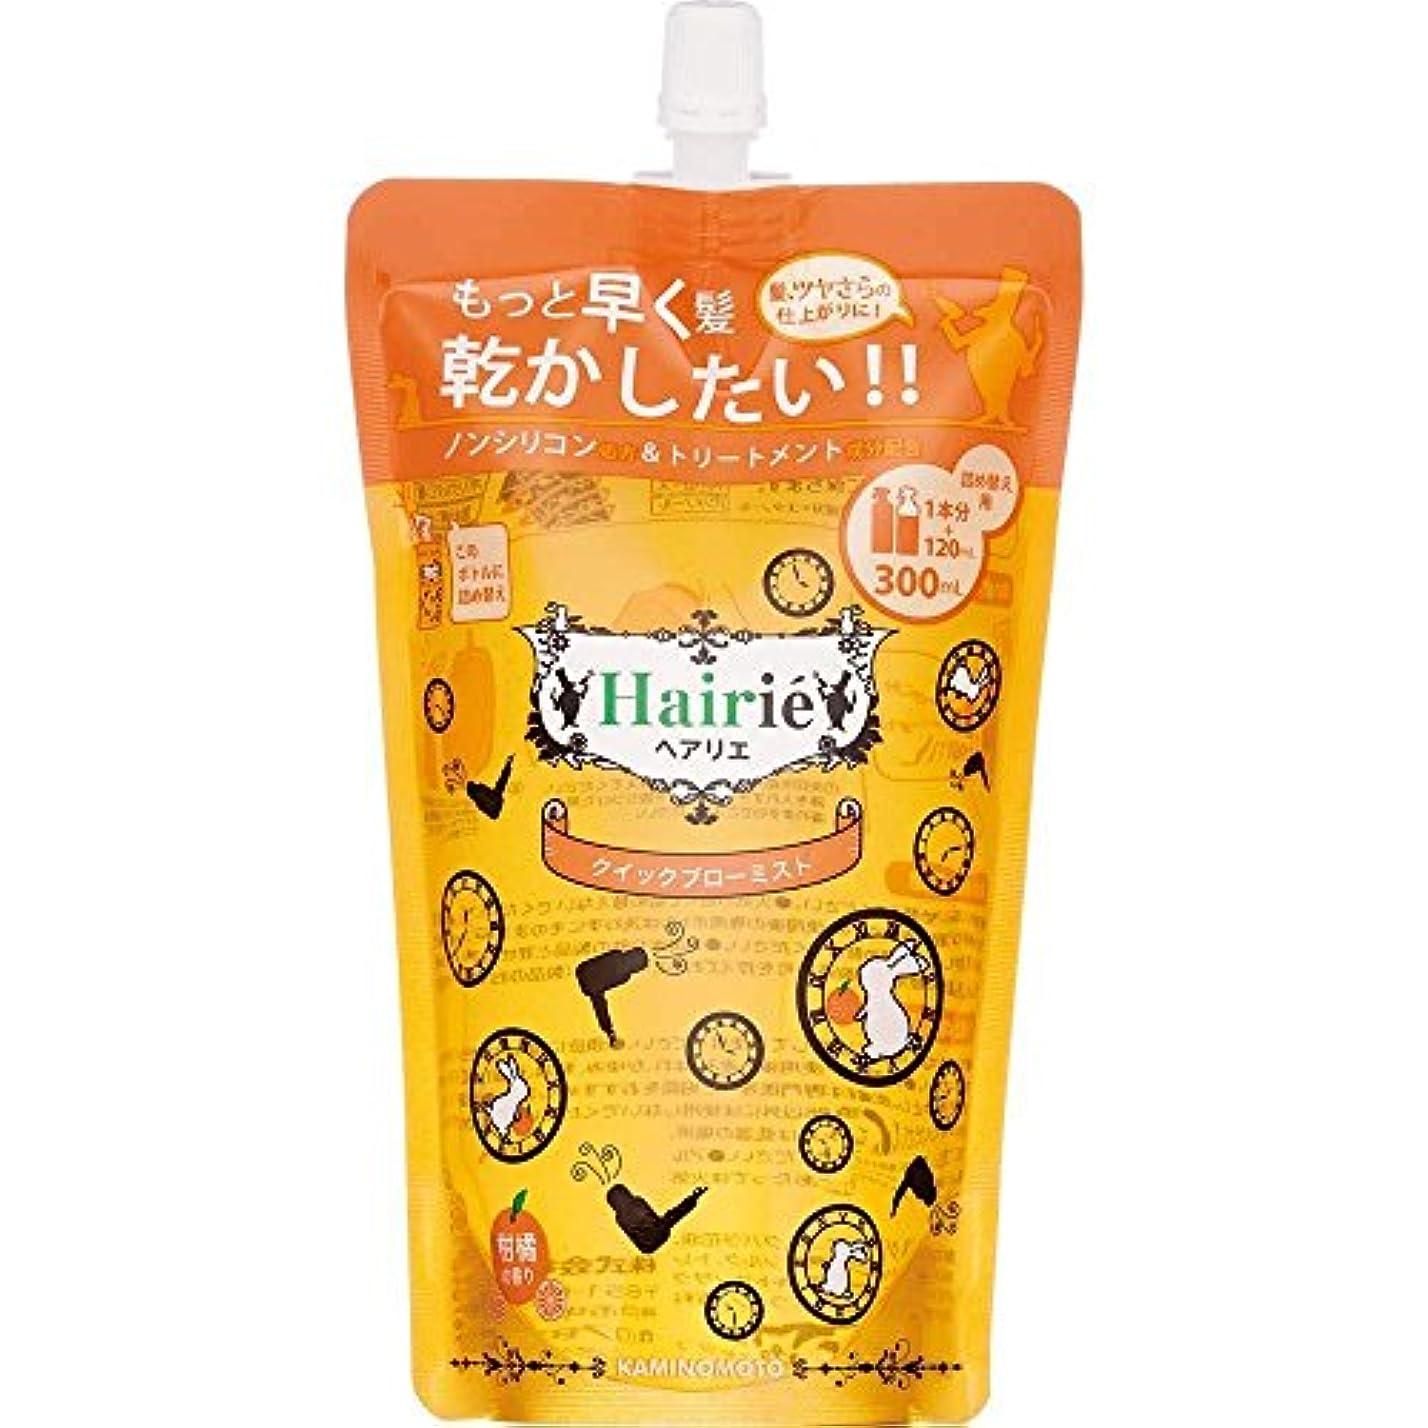 滑りやすい禁止する血統ヘアリエ クイックブローミスト 柑橘の香り 詰め替え 300mL×3個